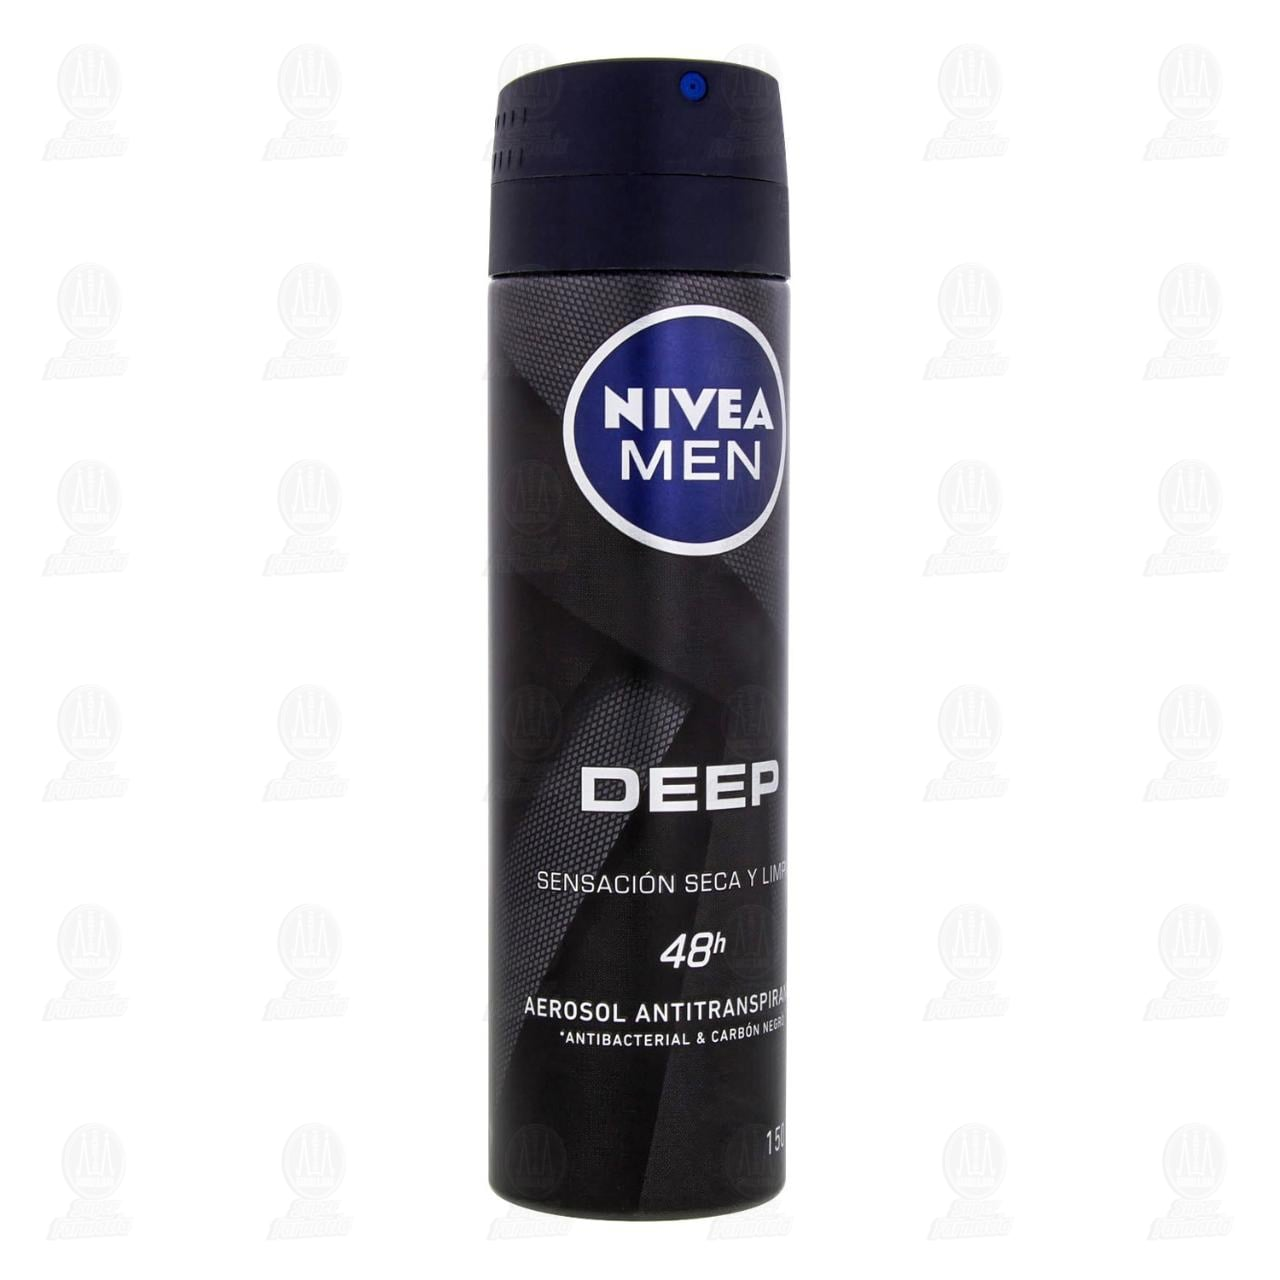 Comprar Nivea Men Desodorante Antitranspirante Hombre Deep Spray, 150ml. en Farmacias Guadalajara